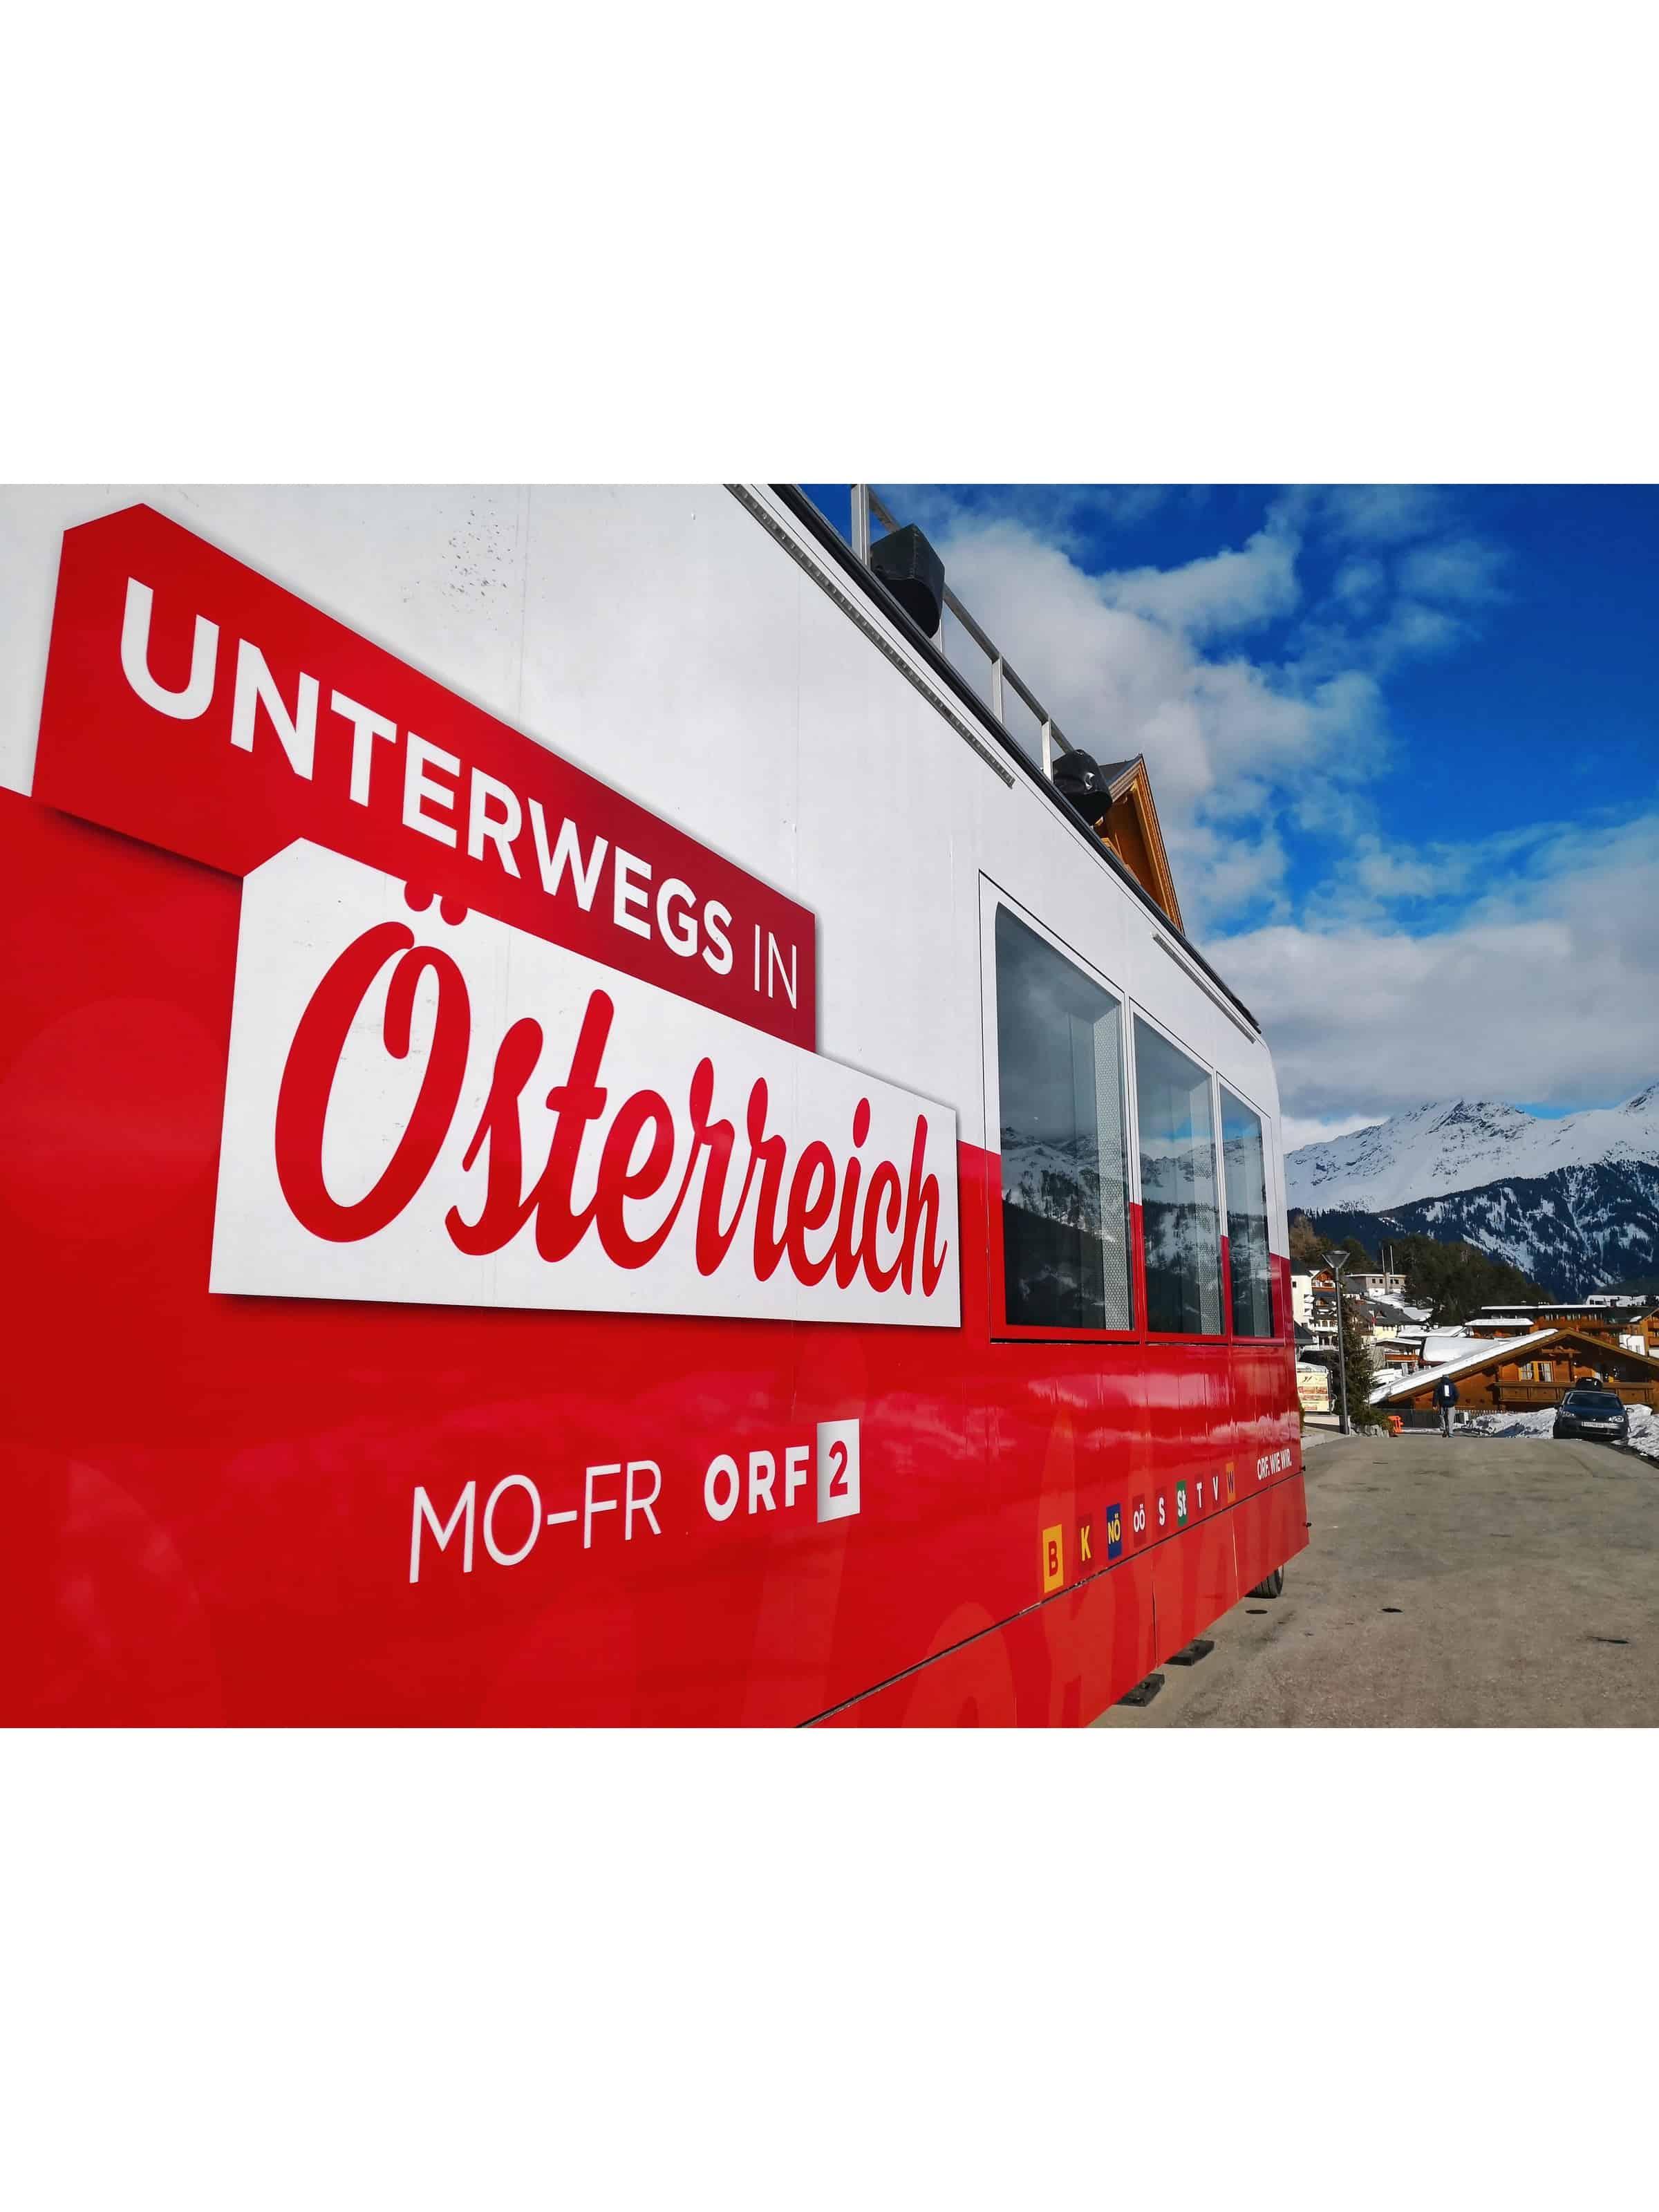 andreas felder kameramann ORF Guten Morgen Österreich ORF Daheim in Österreich 11 23.03.2018 16 23 44 - ORF Unterwegs in Österreich